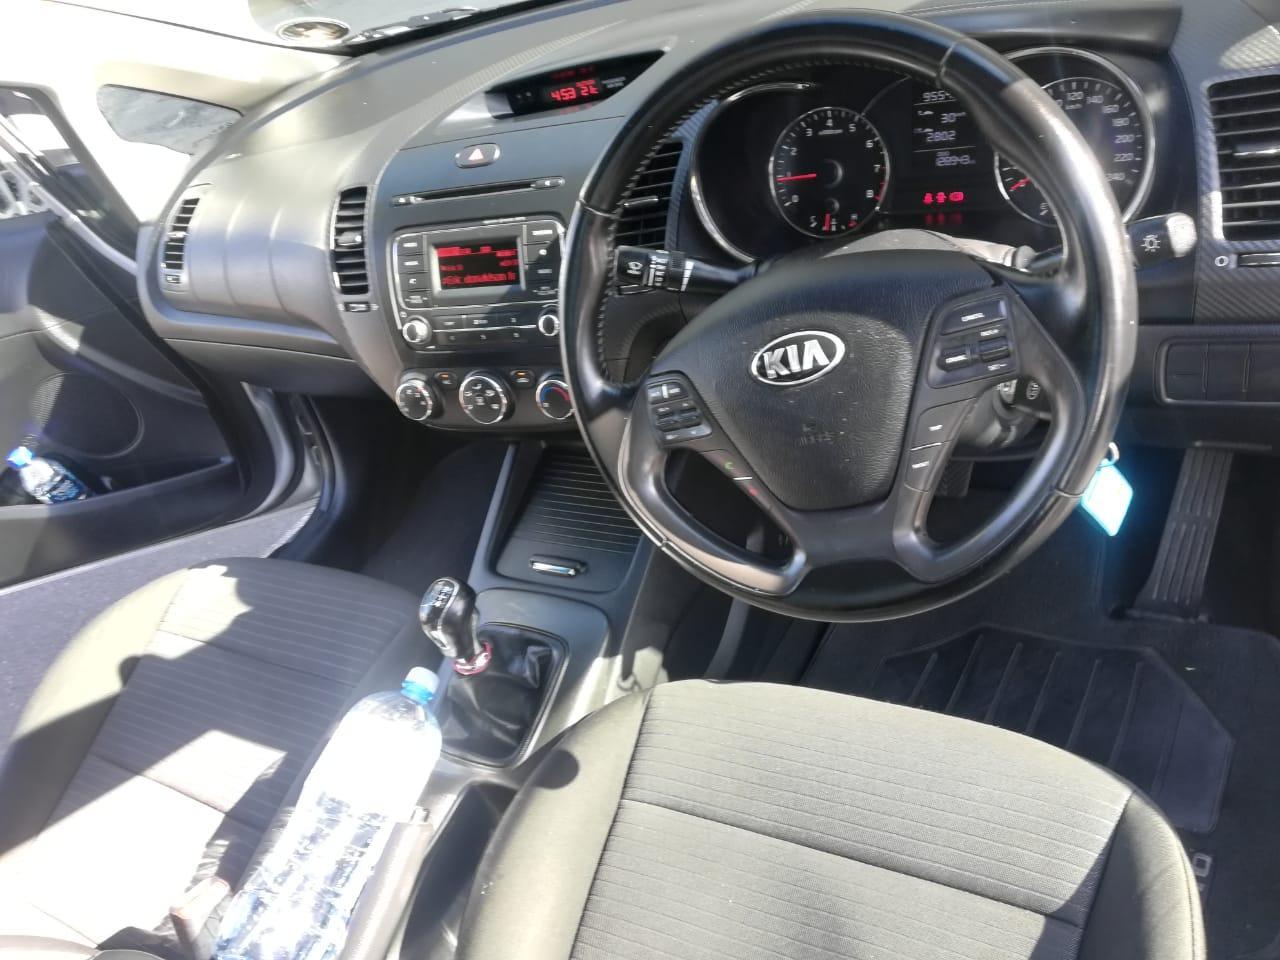 2014 Kia Cerato sedan 1.6 EX auto